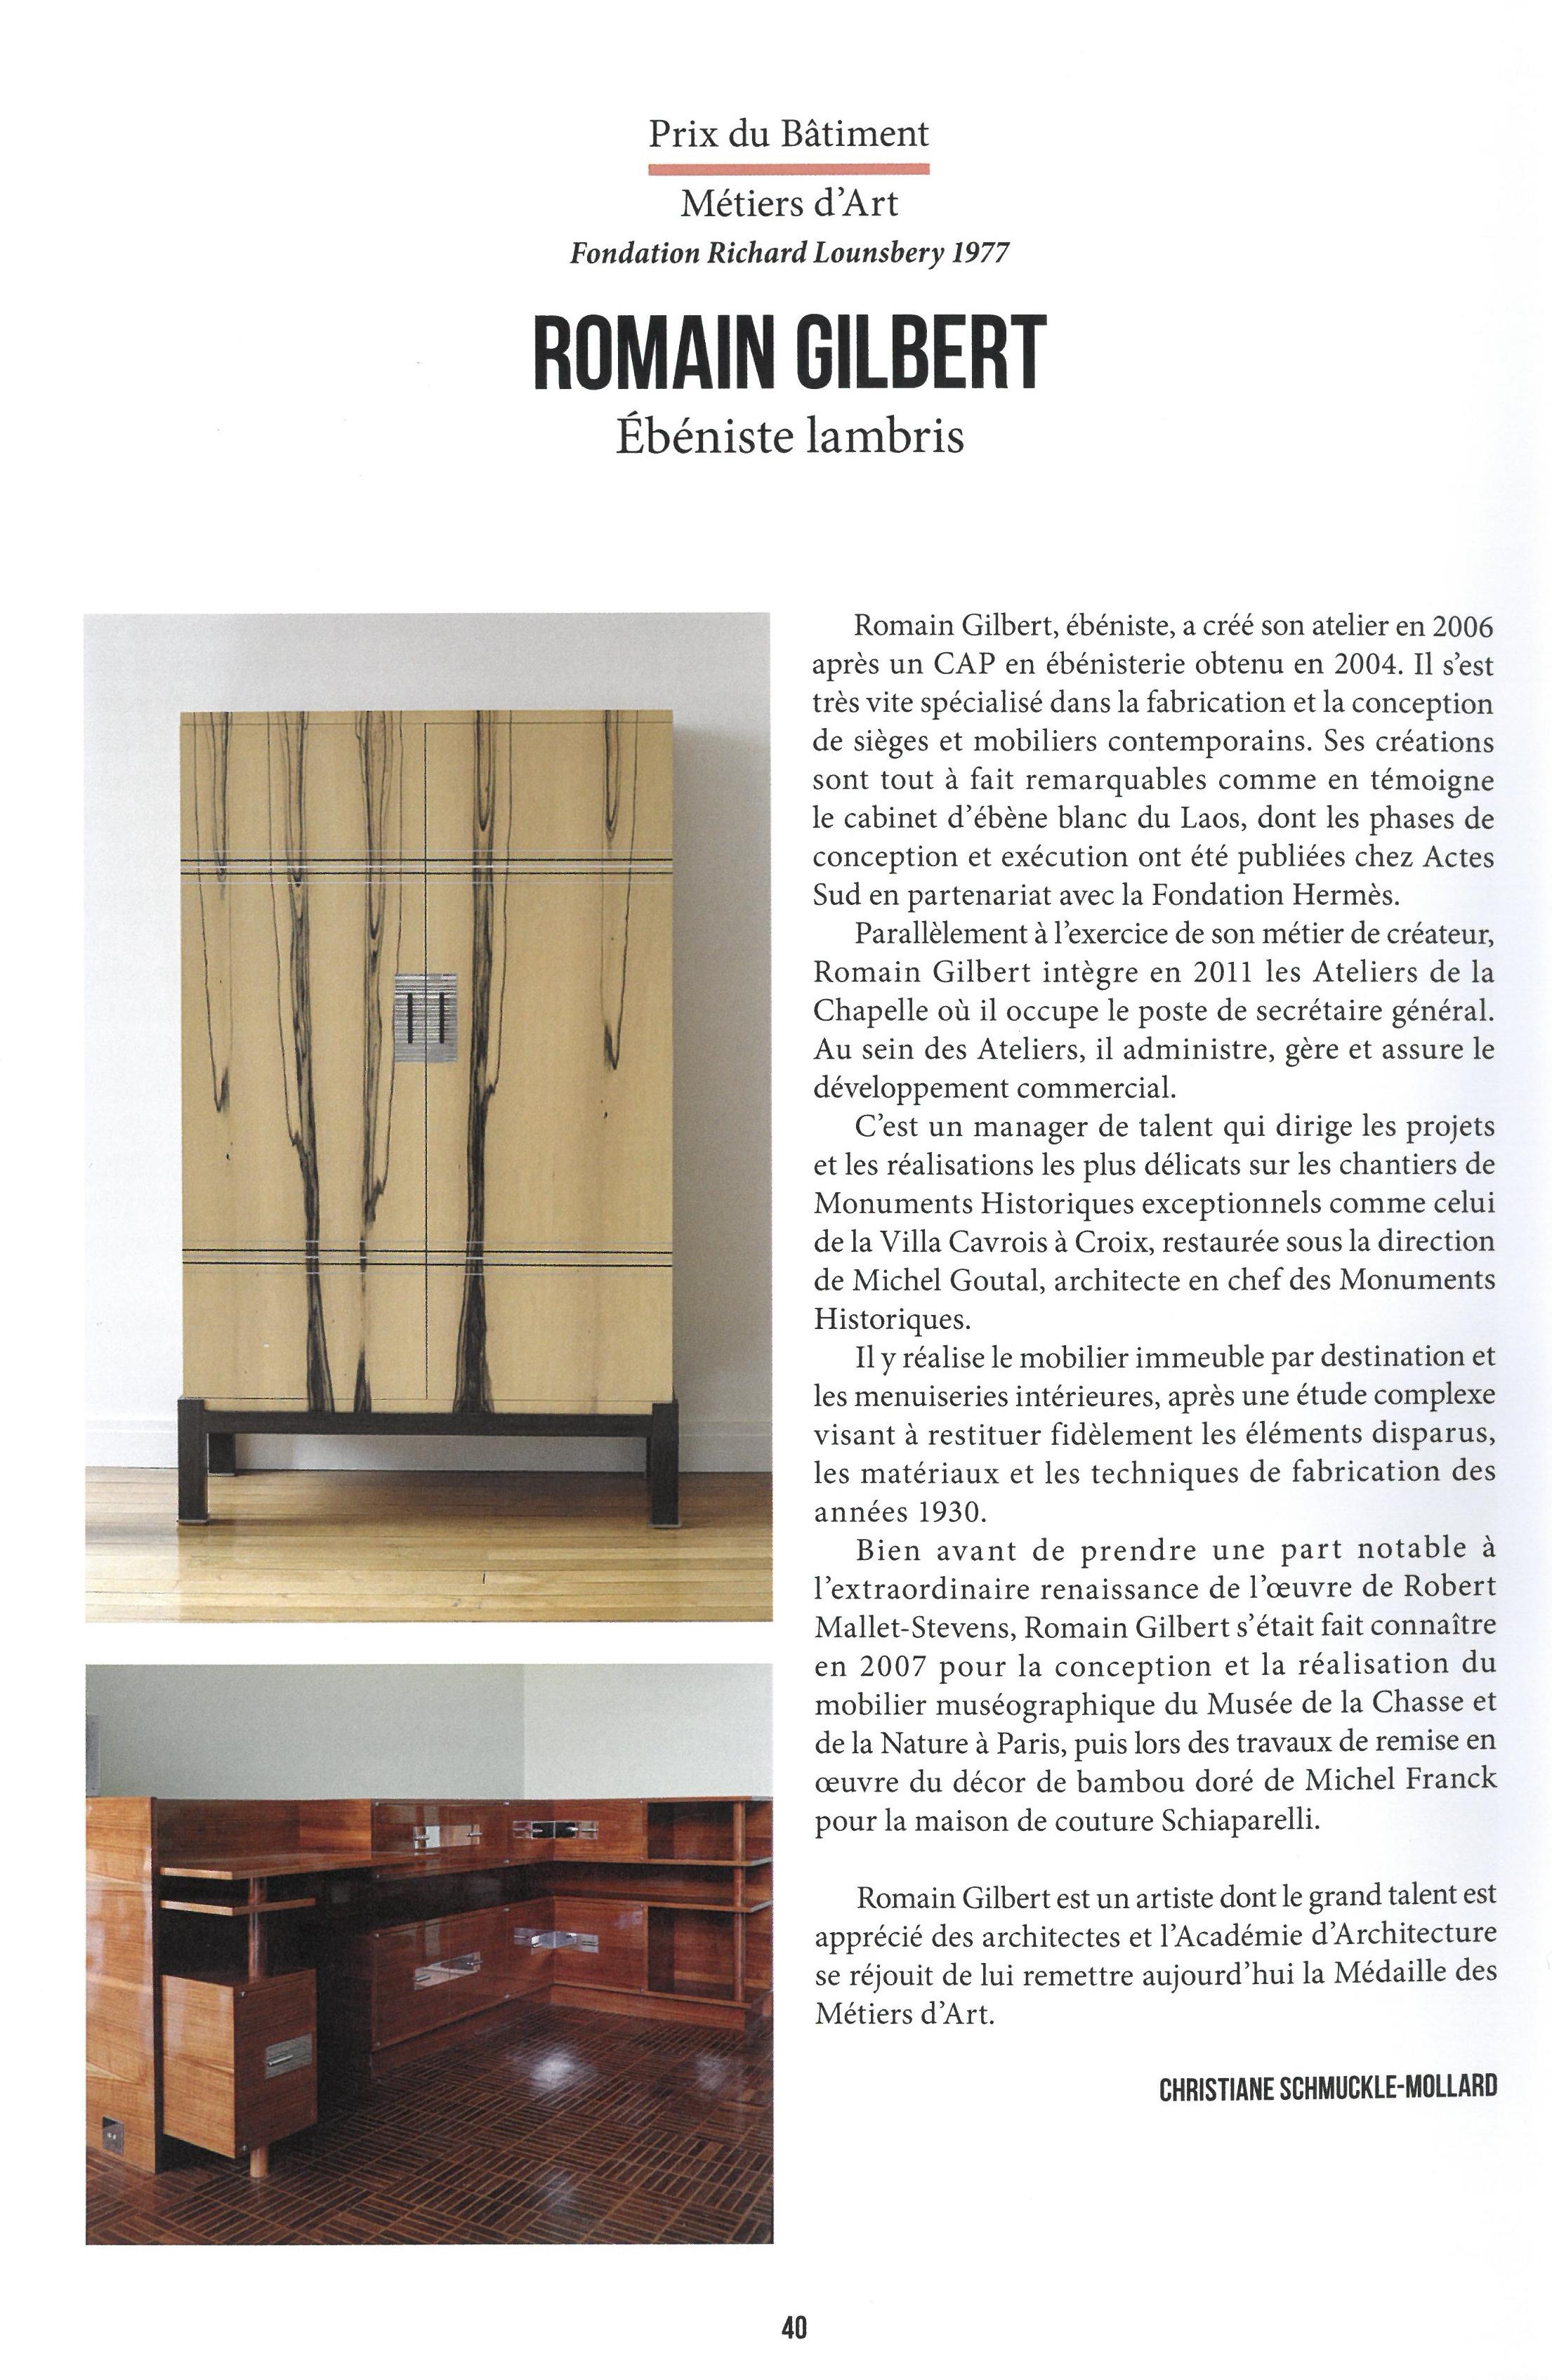 Les Ateliers de la Chapelle - Romain Gilbert reçoit la médaille des Métiers d'Art